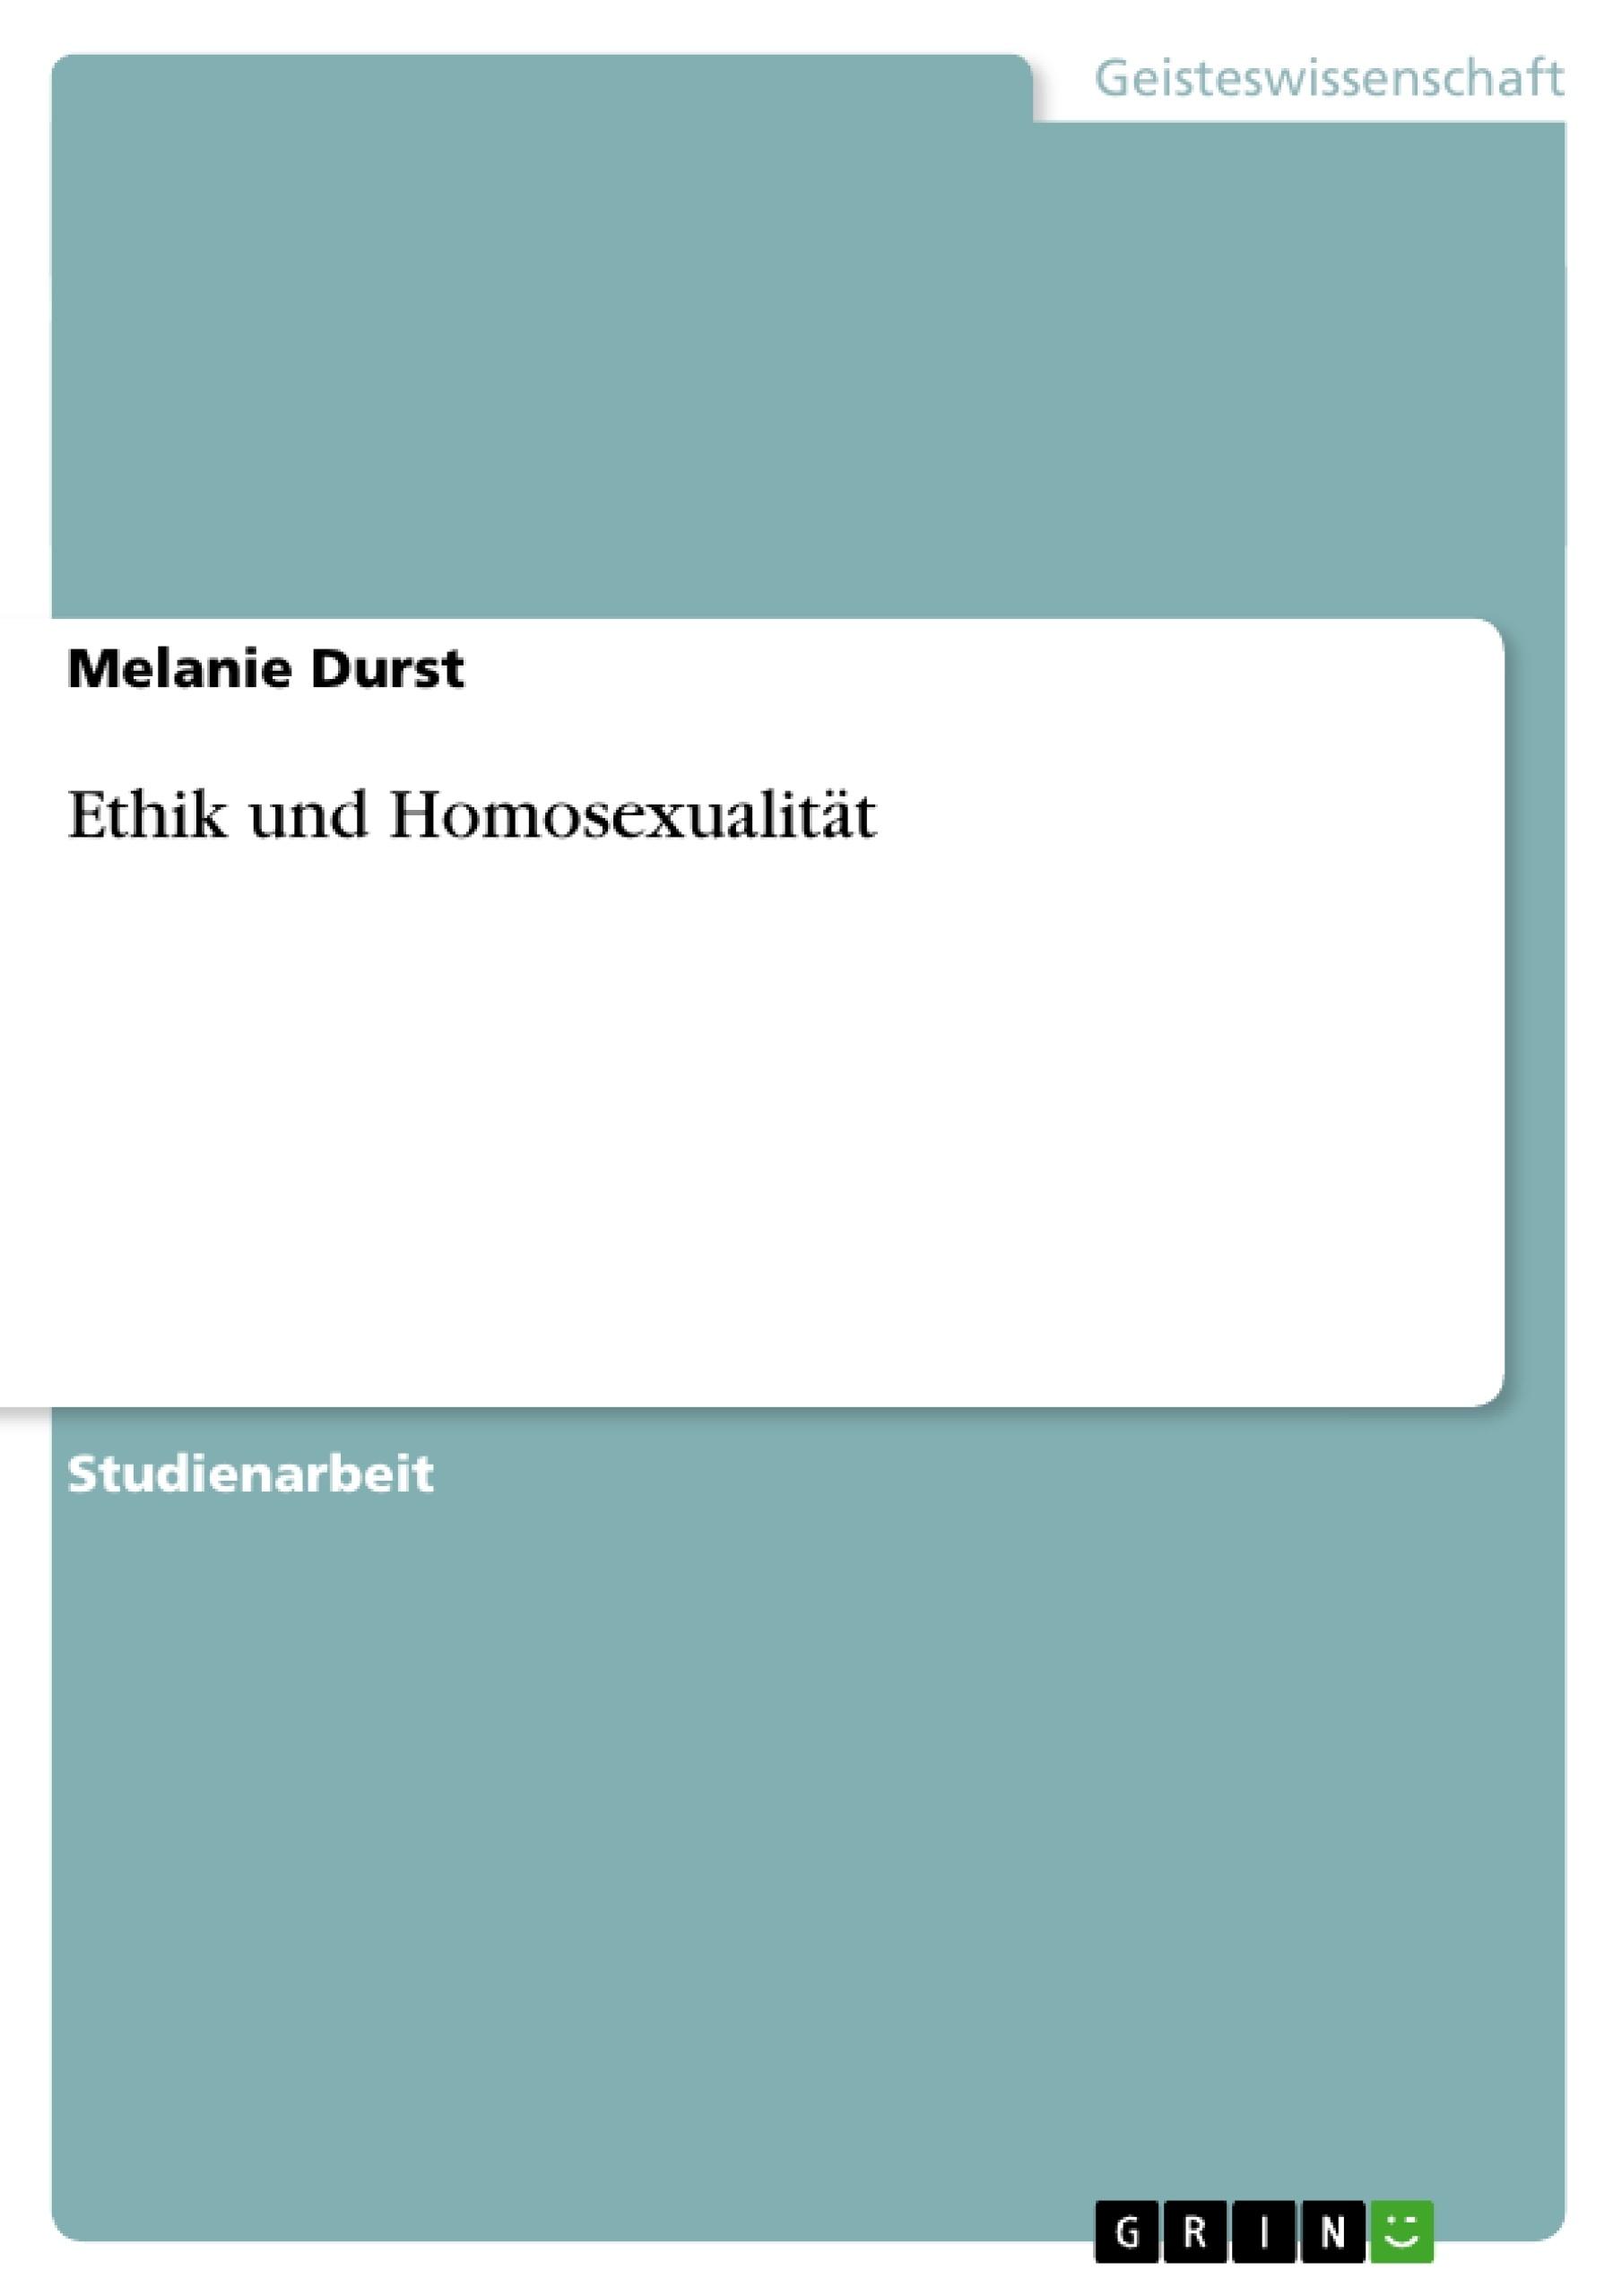 Woher Kommt Begriff Homosexualität